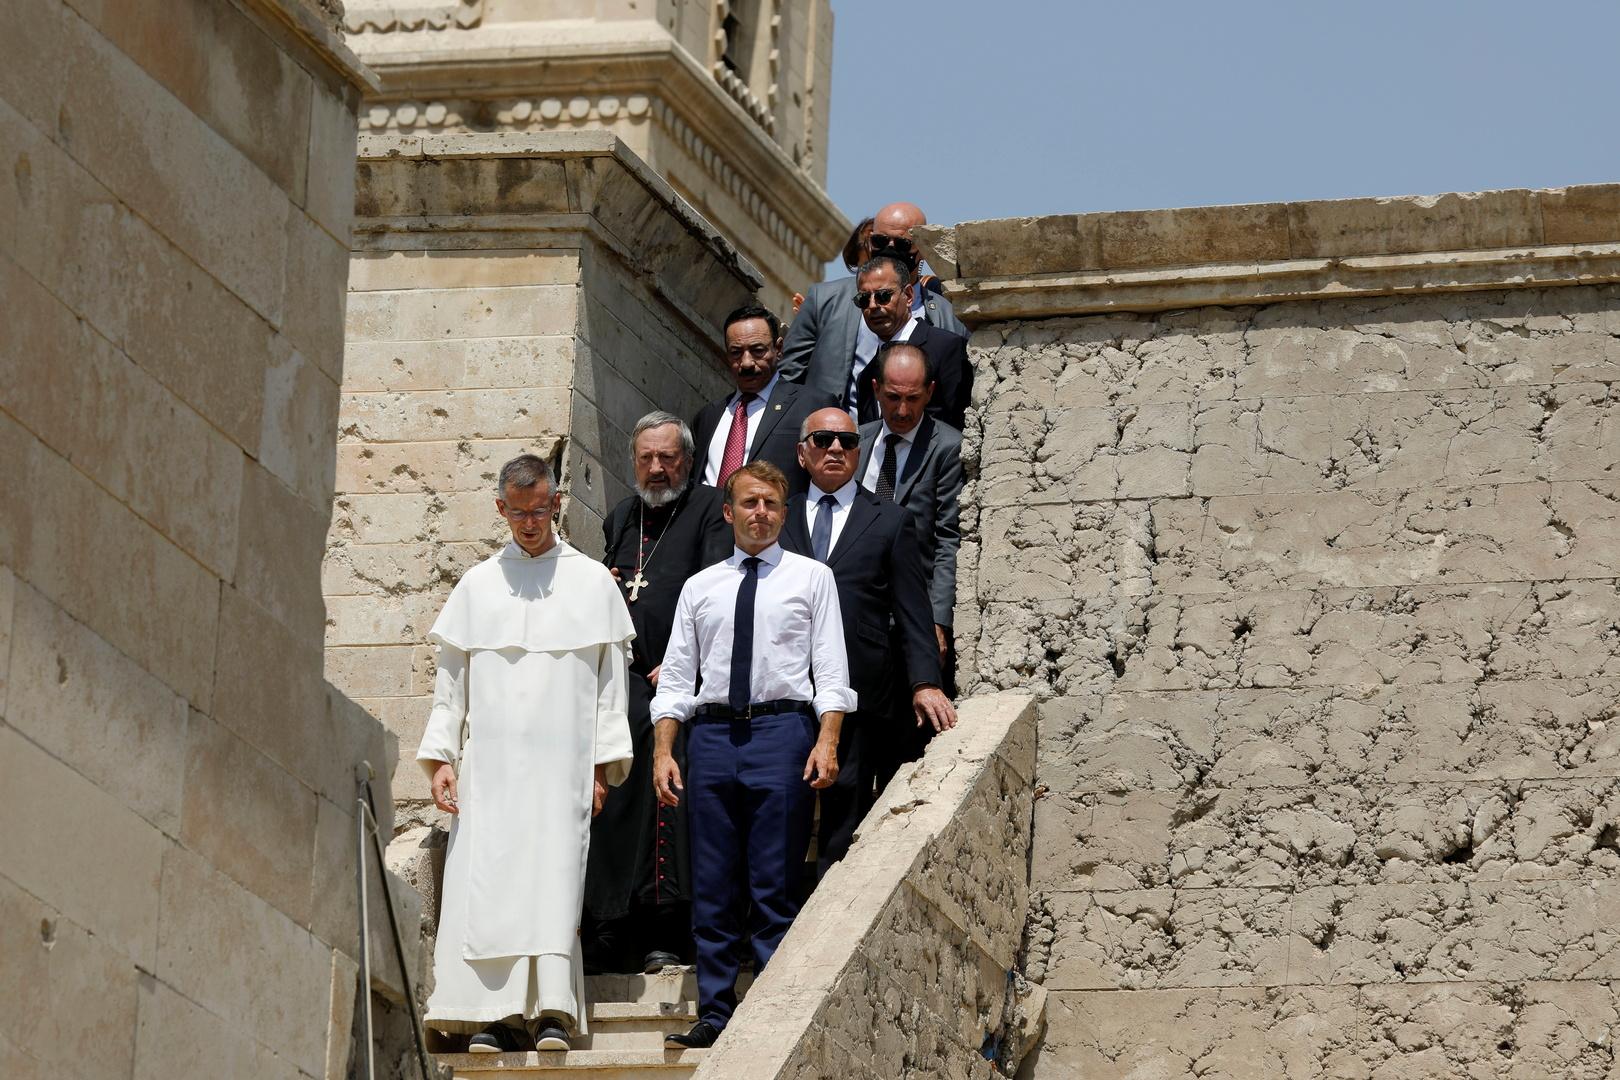 الرئيس الفرنسي في زيارة للموصل